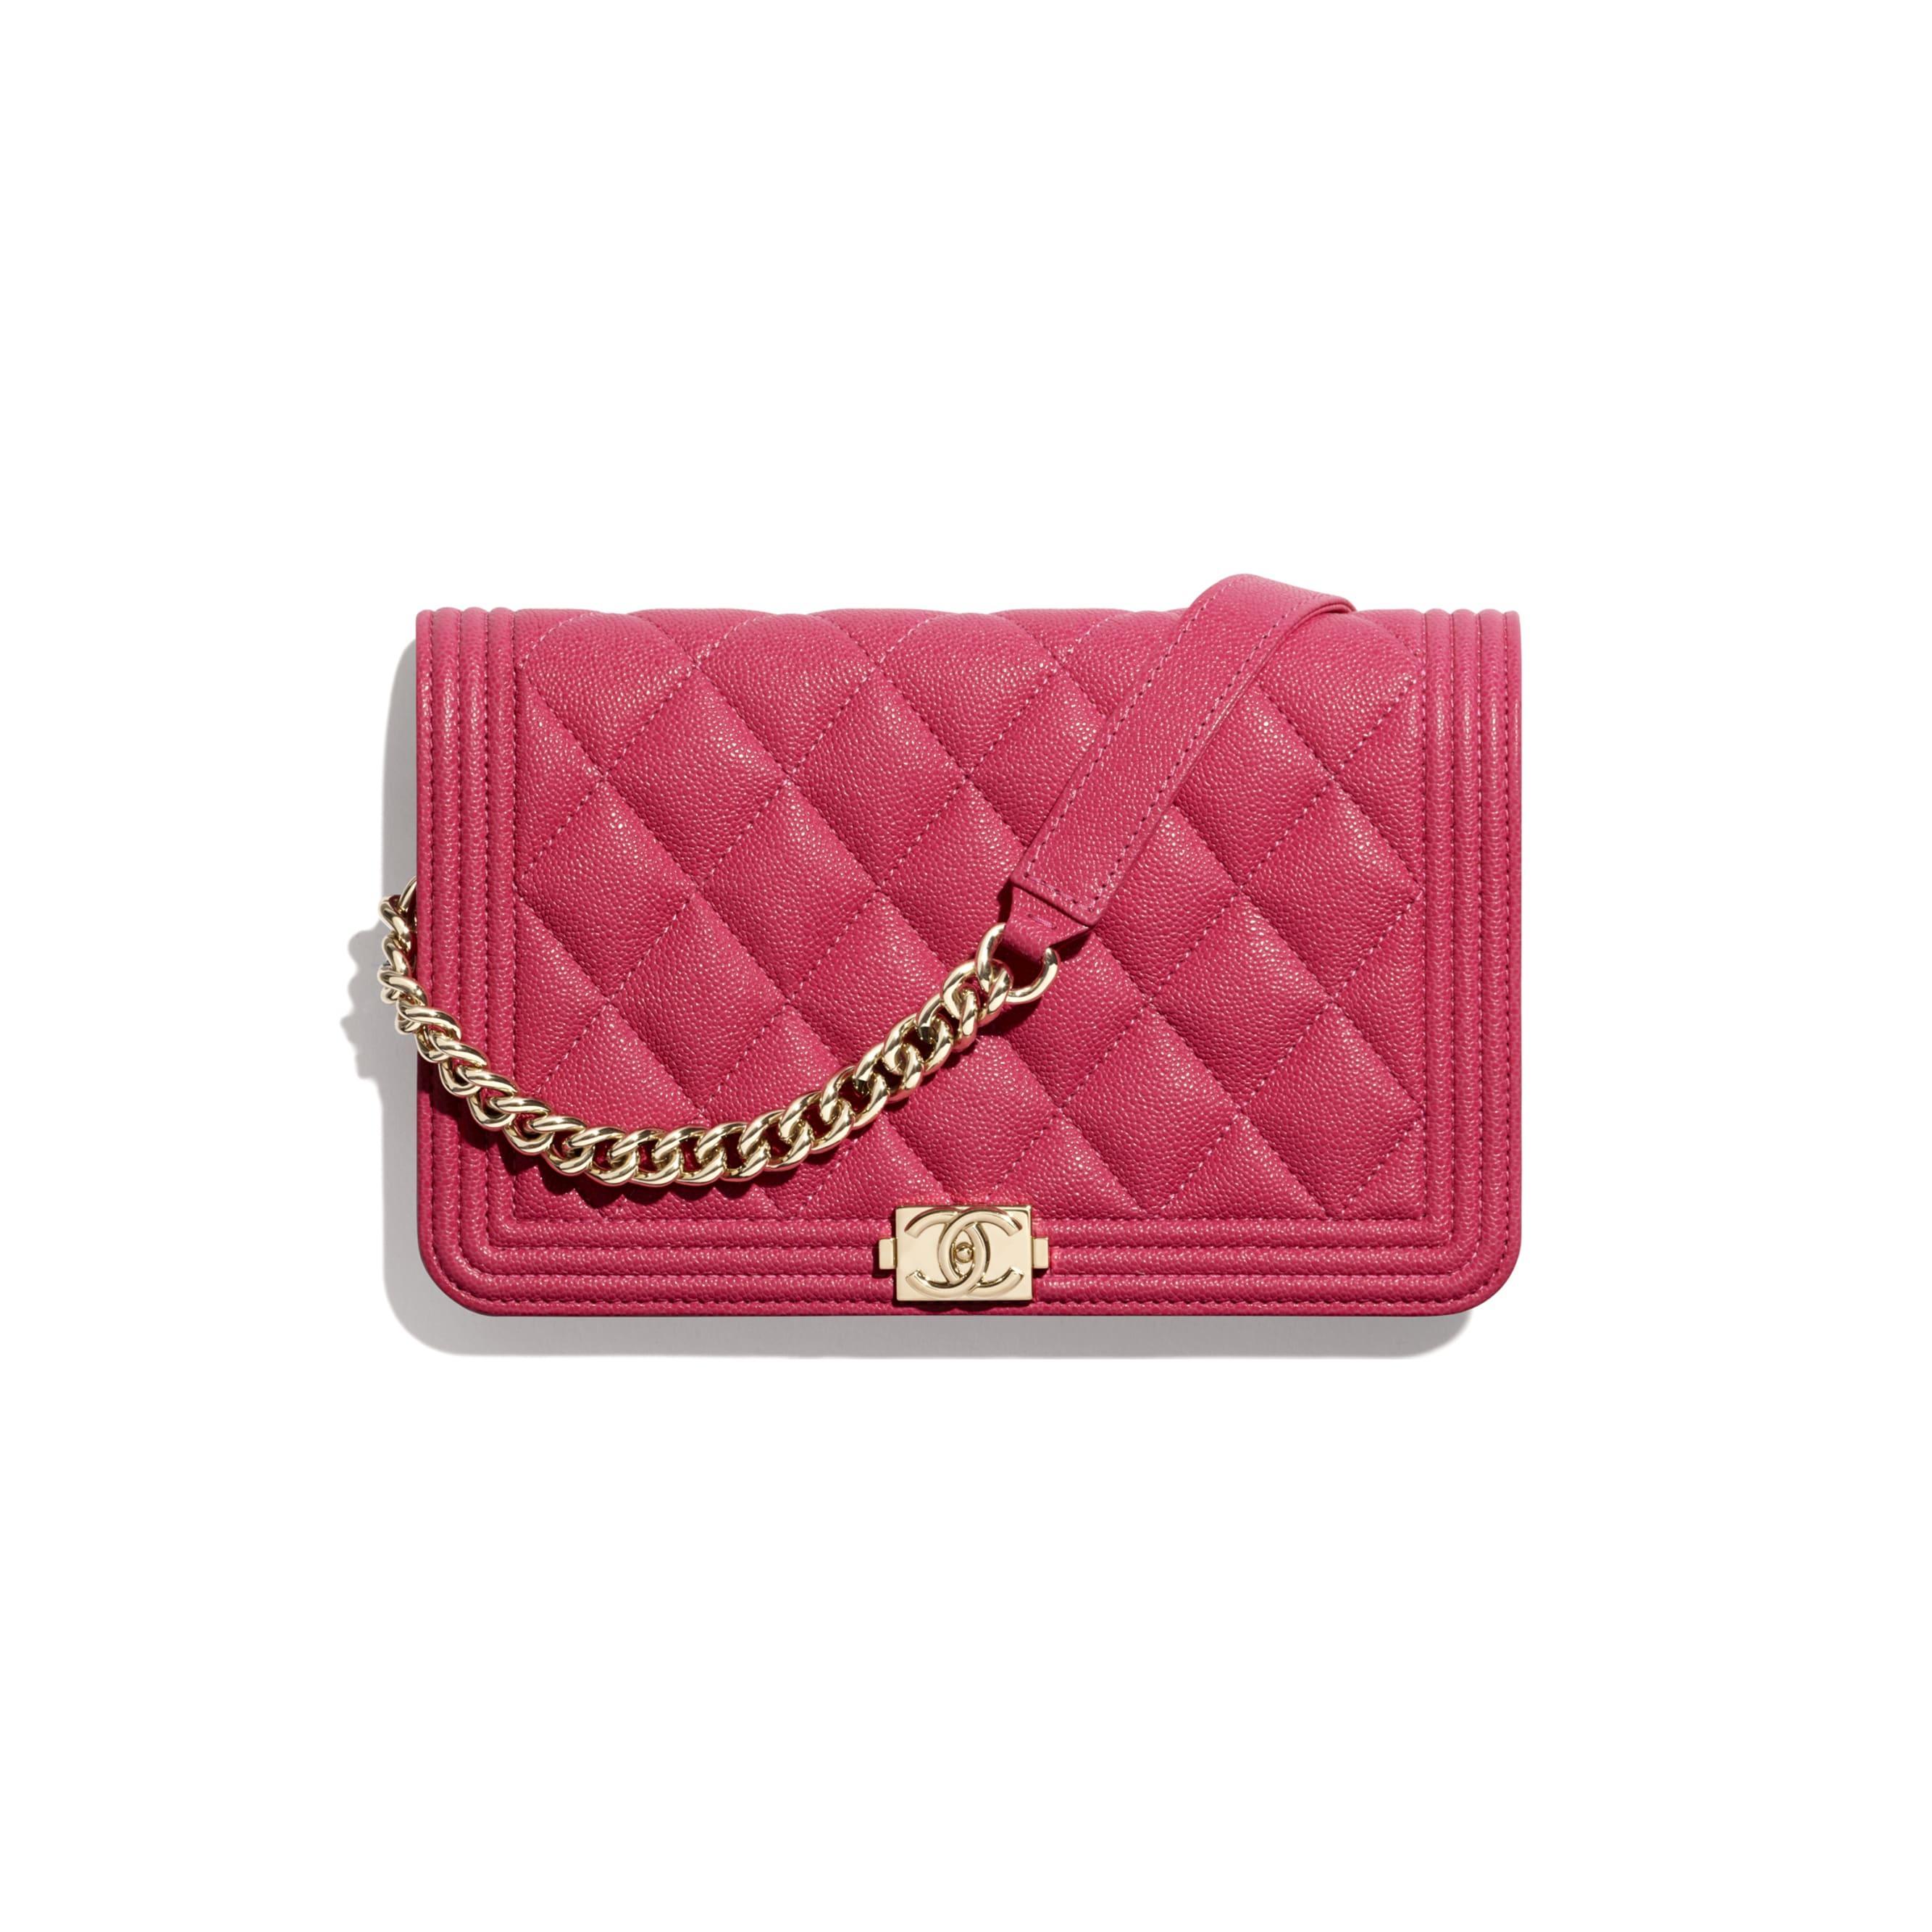 Wallet on chain BOY CHANEL - Rose - Veau grainé & métal doré - CHANEL - Vue par défaut - voir la version taille standard